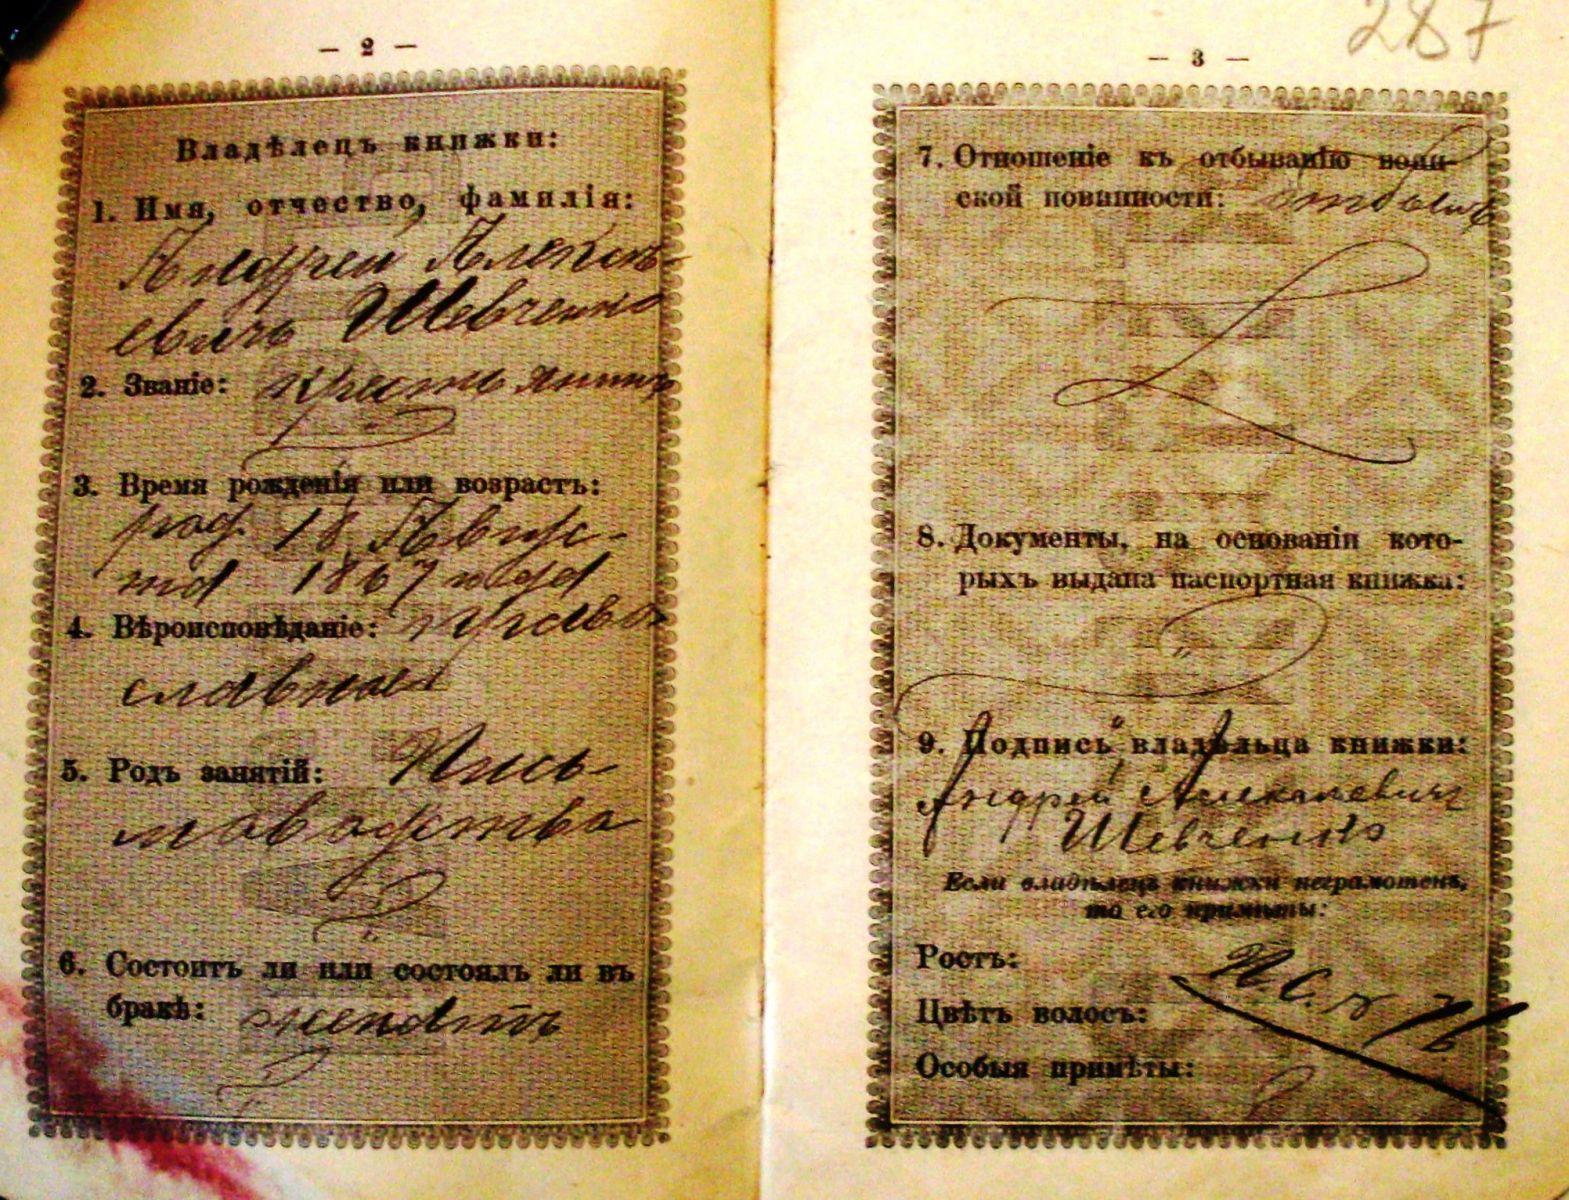 Паспорт Андрія Шевченка зберігається тепер у конверті з красномовним підписом «Документы расстрелянных»